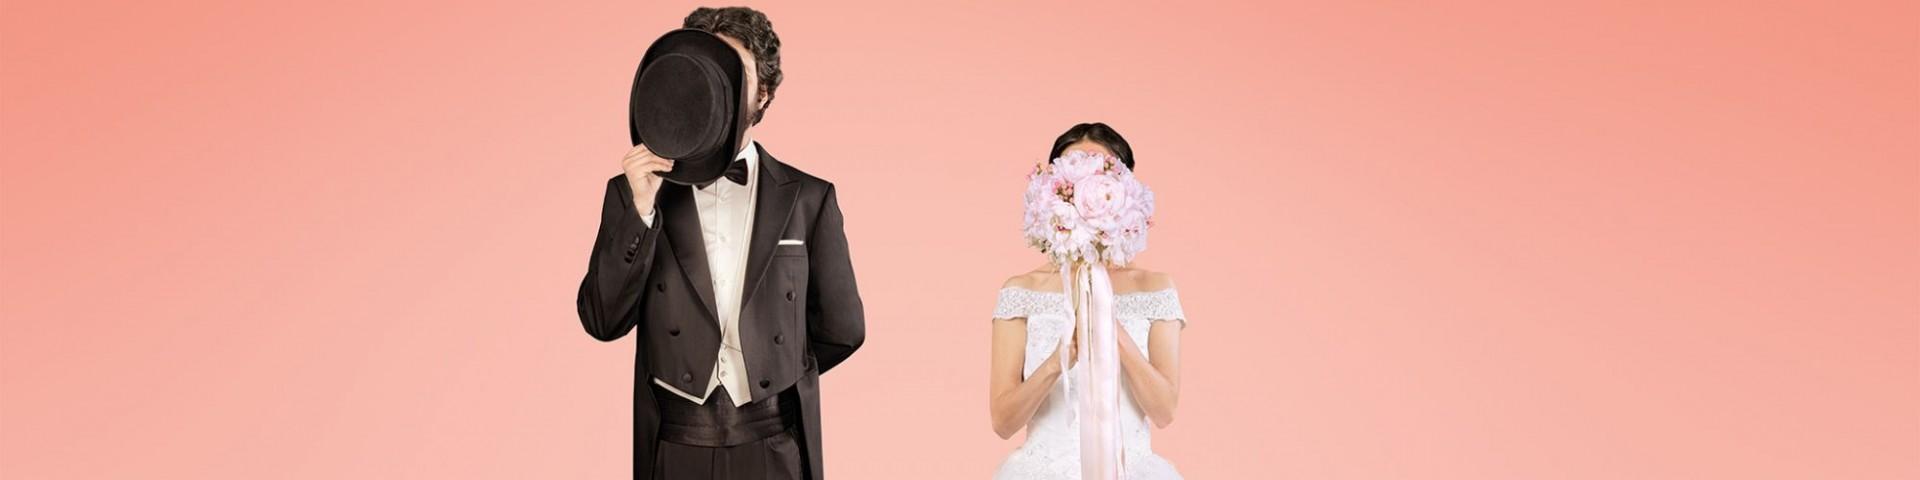 Replica in TV: quando e dove rivedere Matrimonio a prima vista